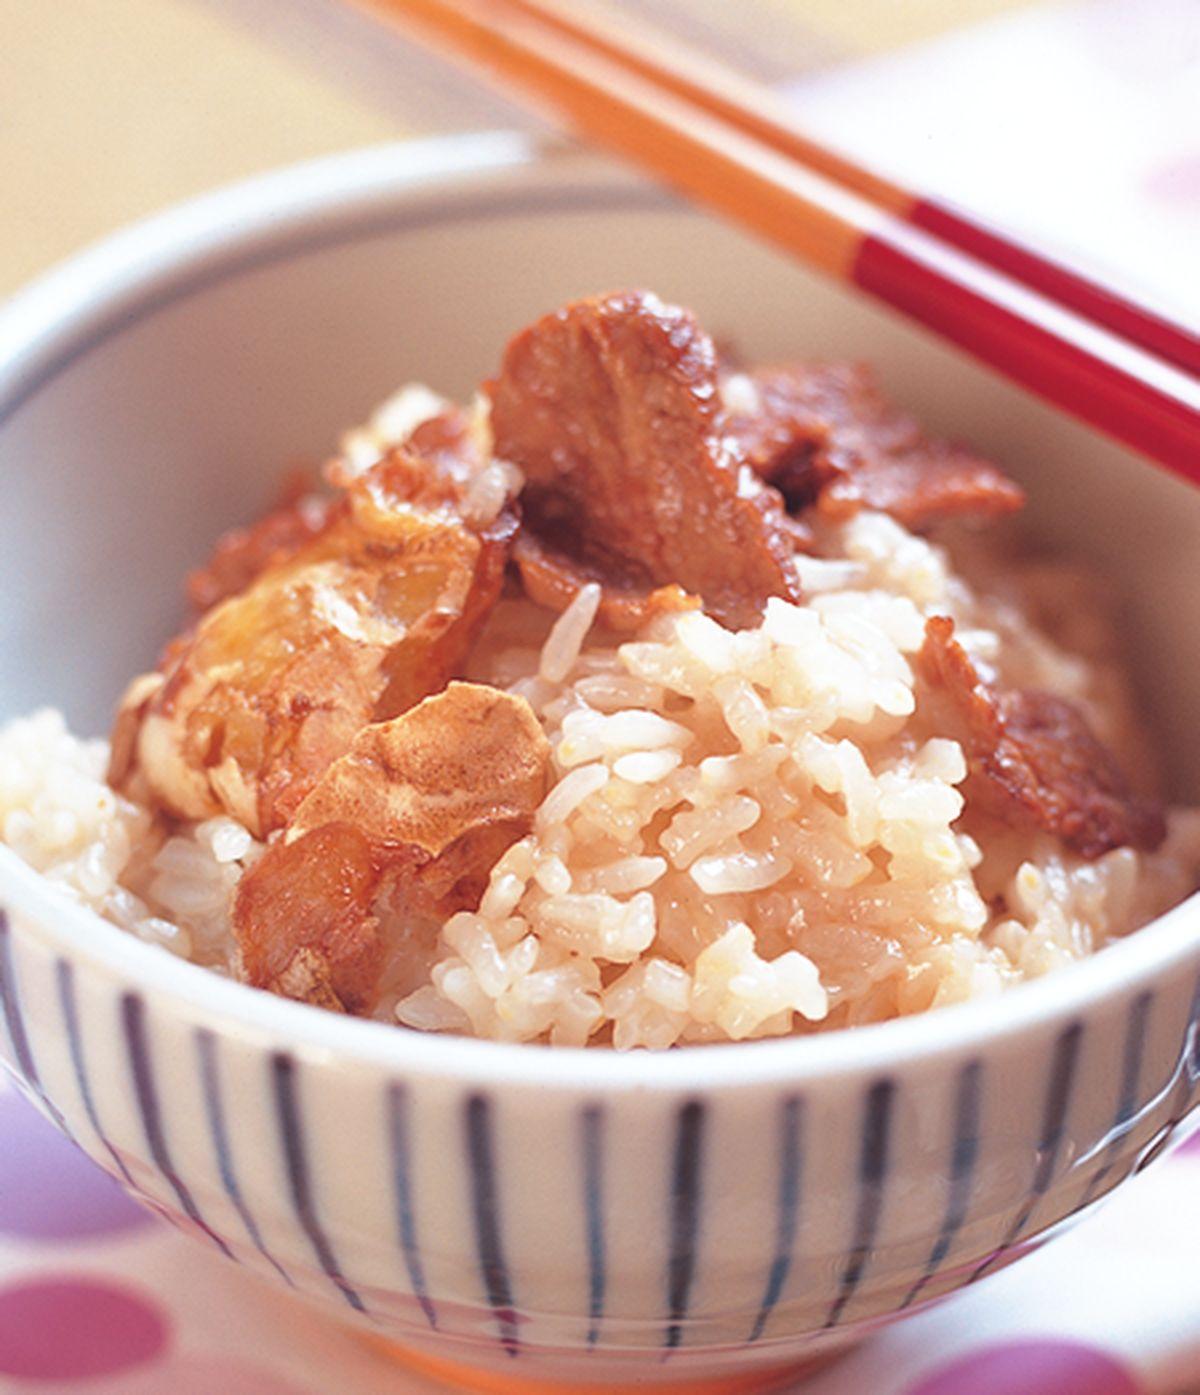 【食譜】羊肉麻油飯:www.ytower.com.tw